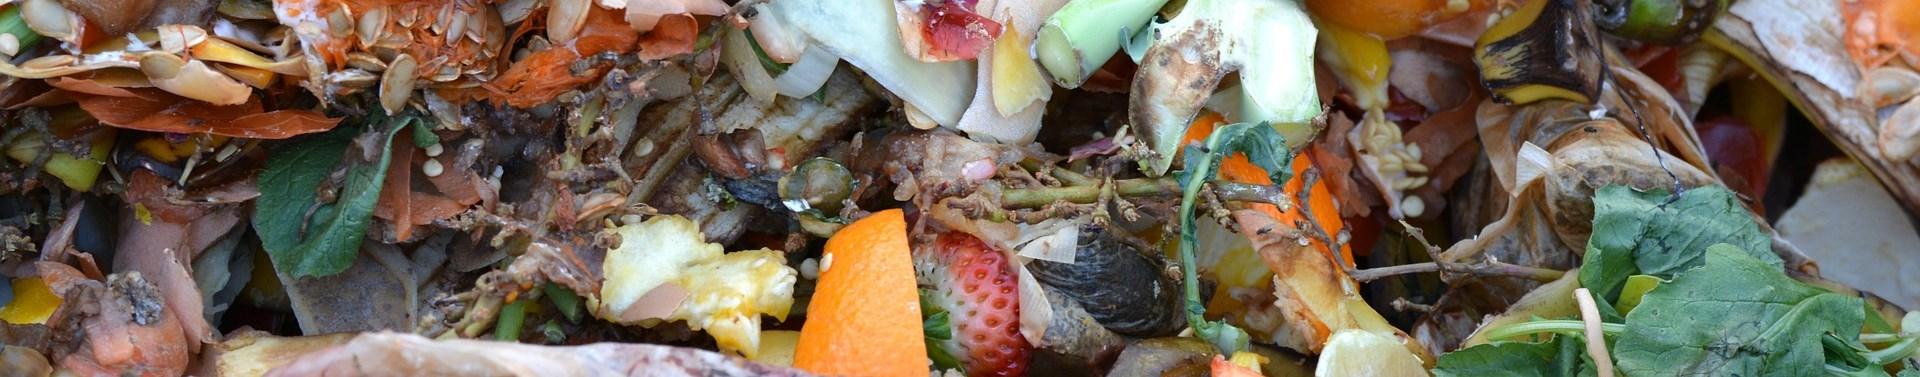 du compost